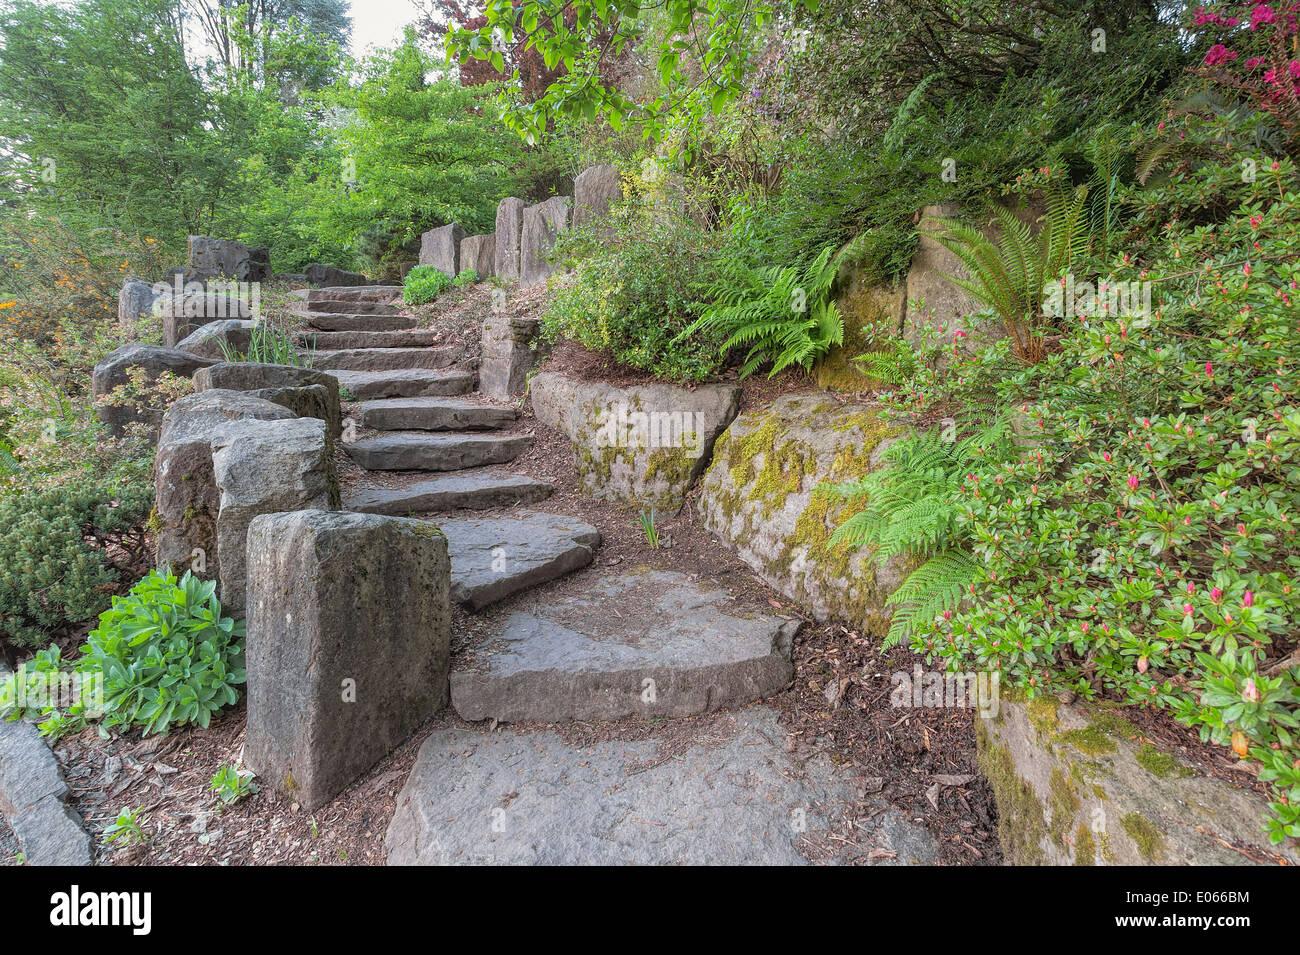 Escalier en pierre jardin paves avec rochers naturels avec des ...